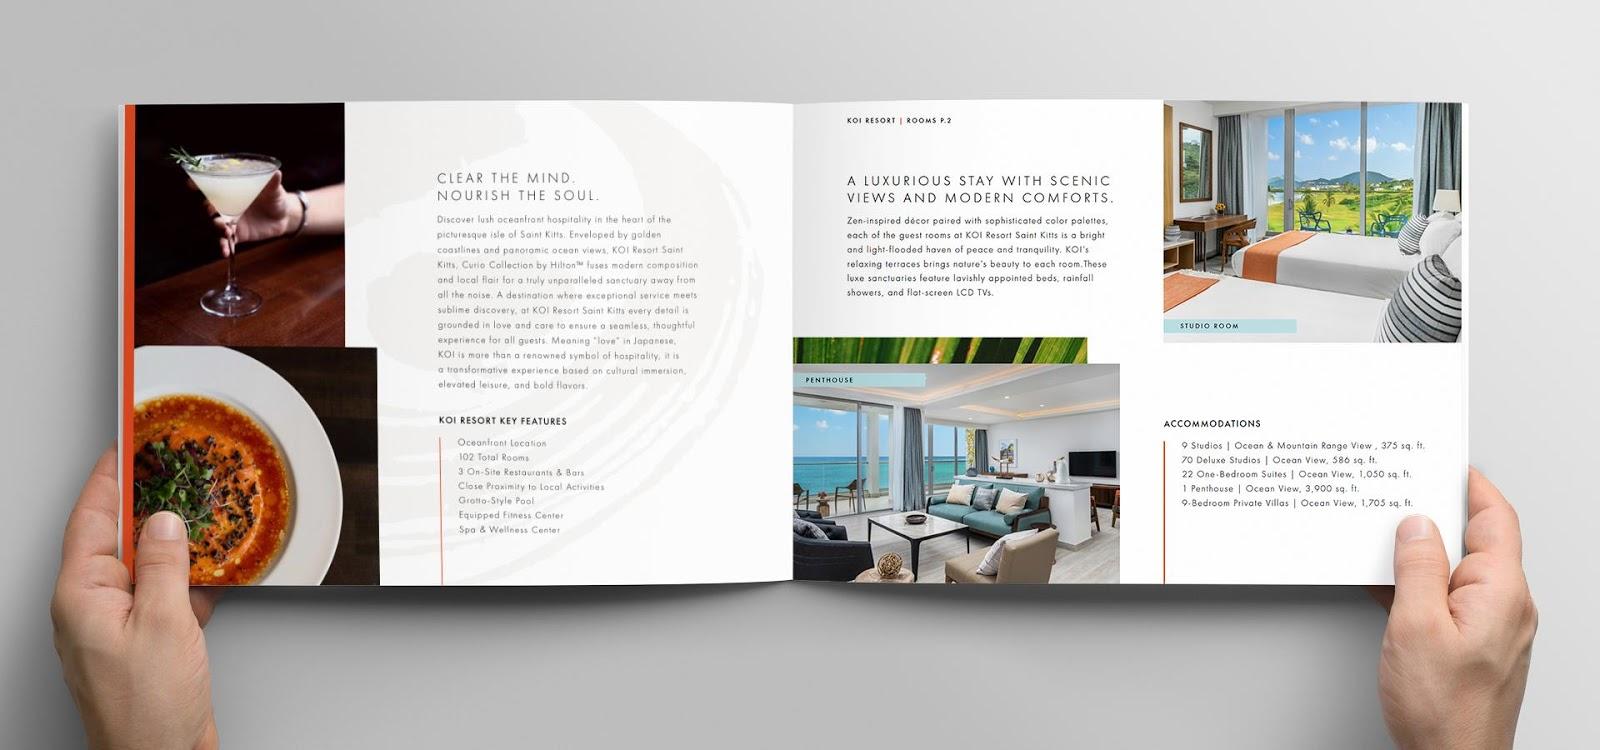 Koi Resort - The Brand Collective 5